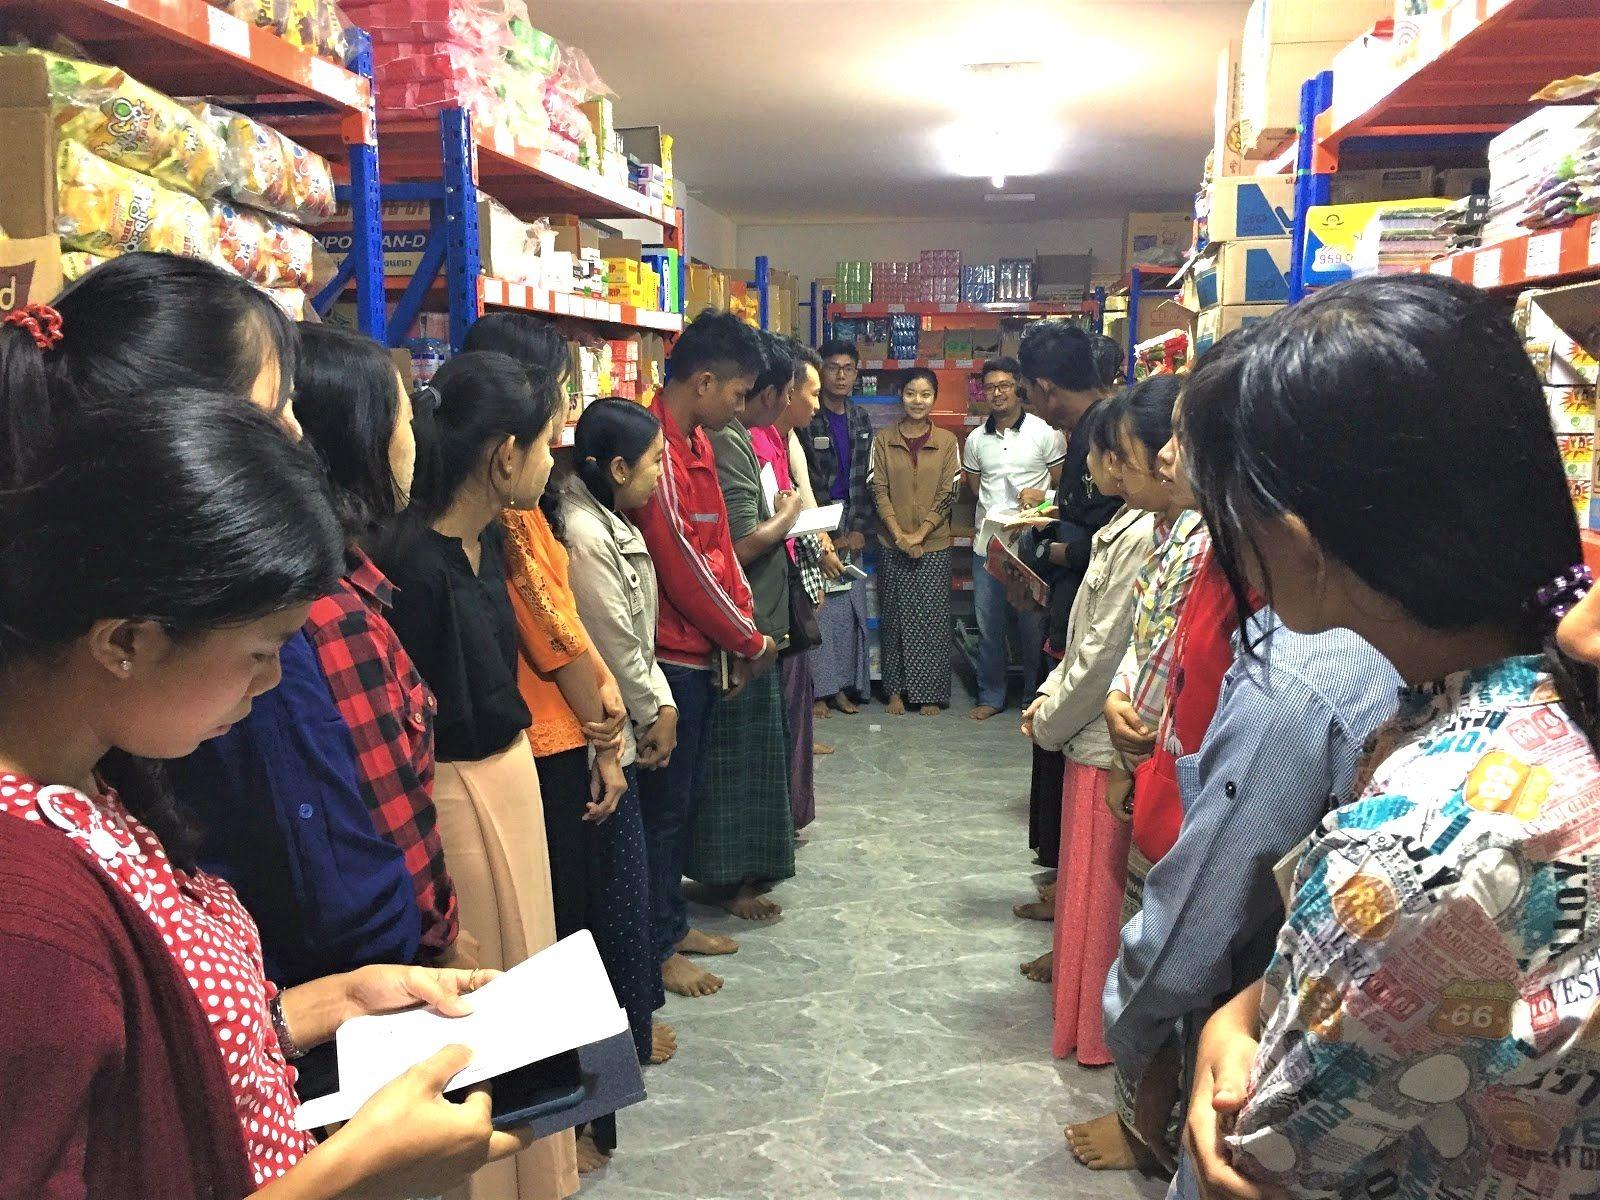 トゥトゥさん(中央)が勤め先の倉庫で朝礼をする様子